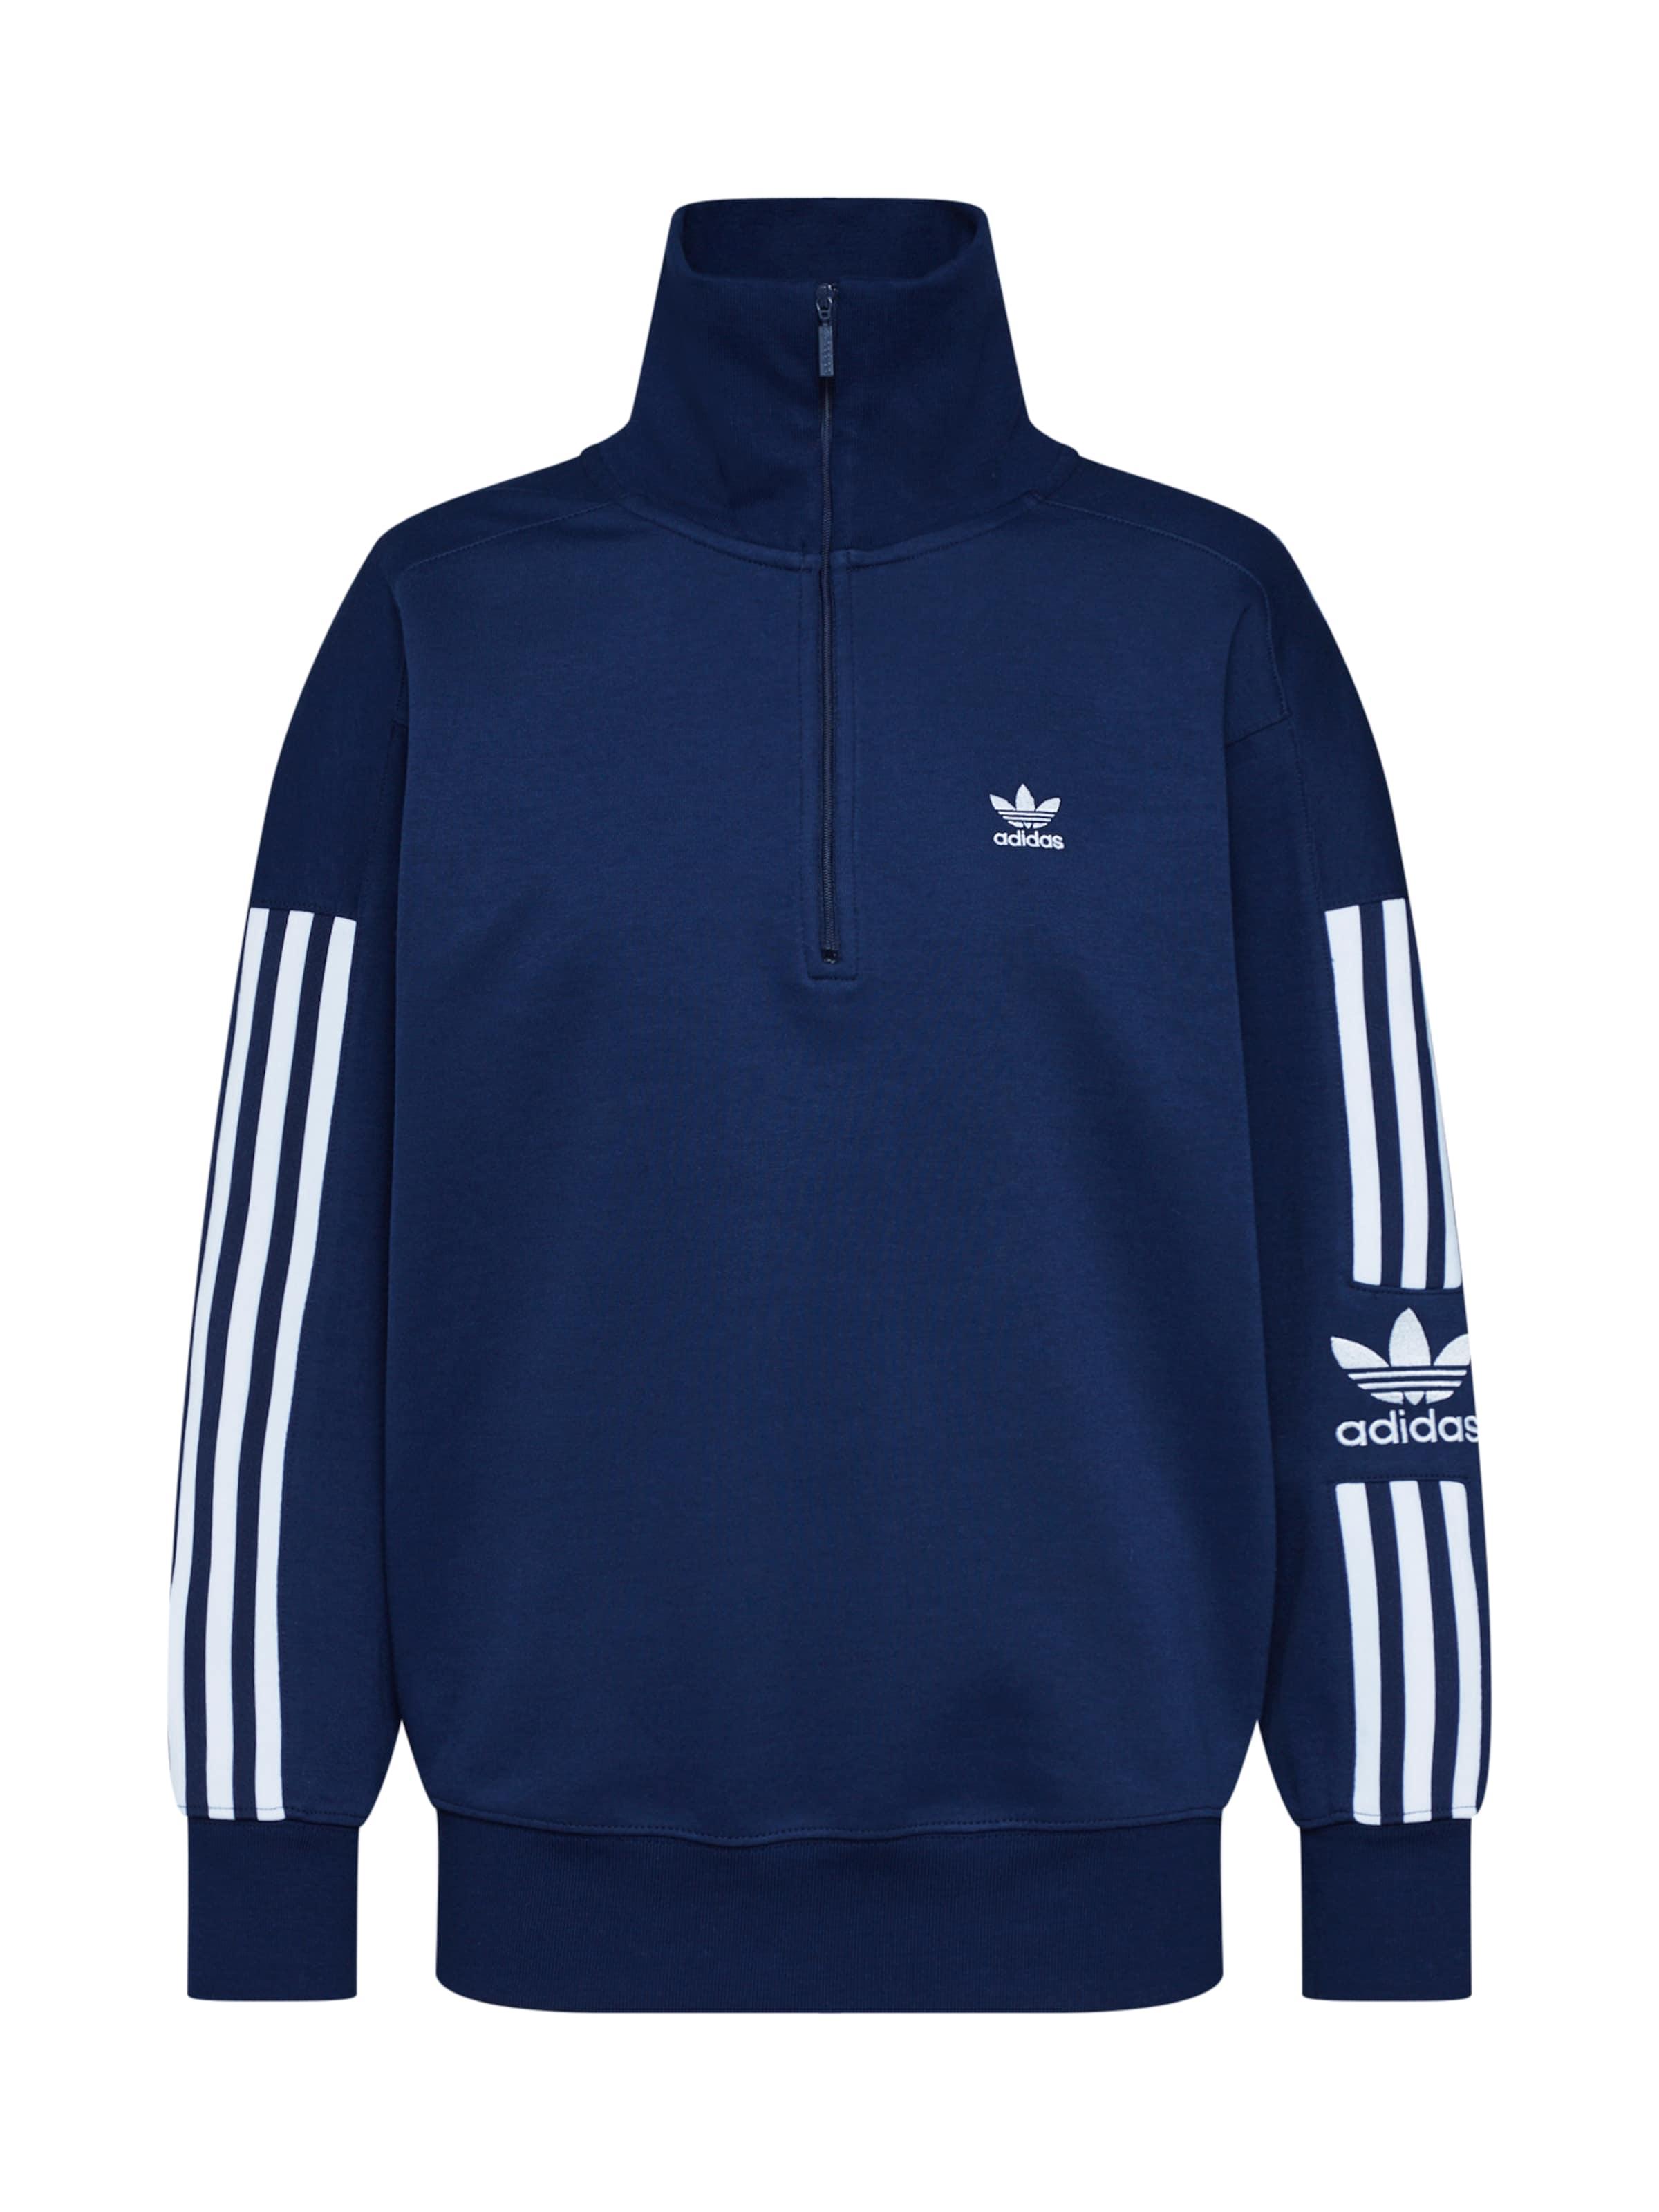 shirt Bleu Marine Adidas Originals En Sweat R34j5AqL